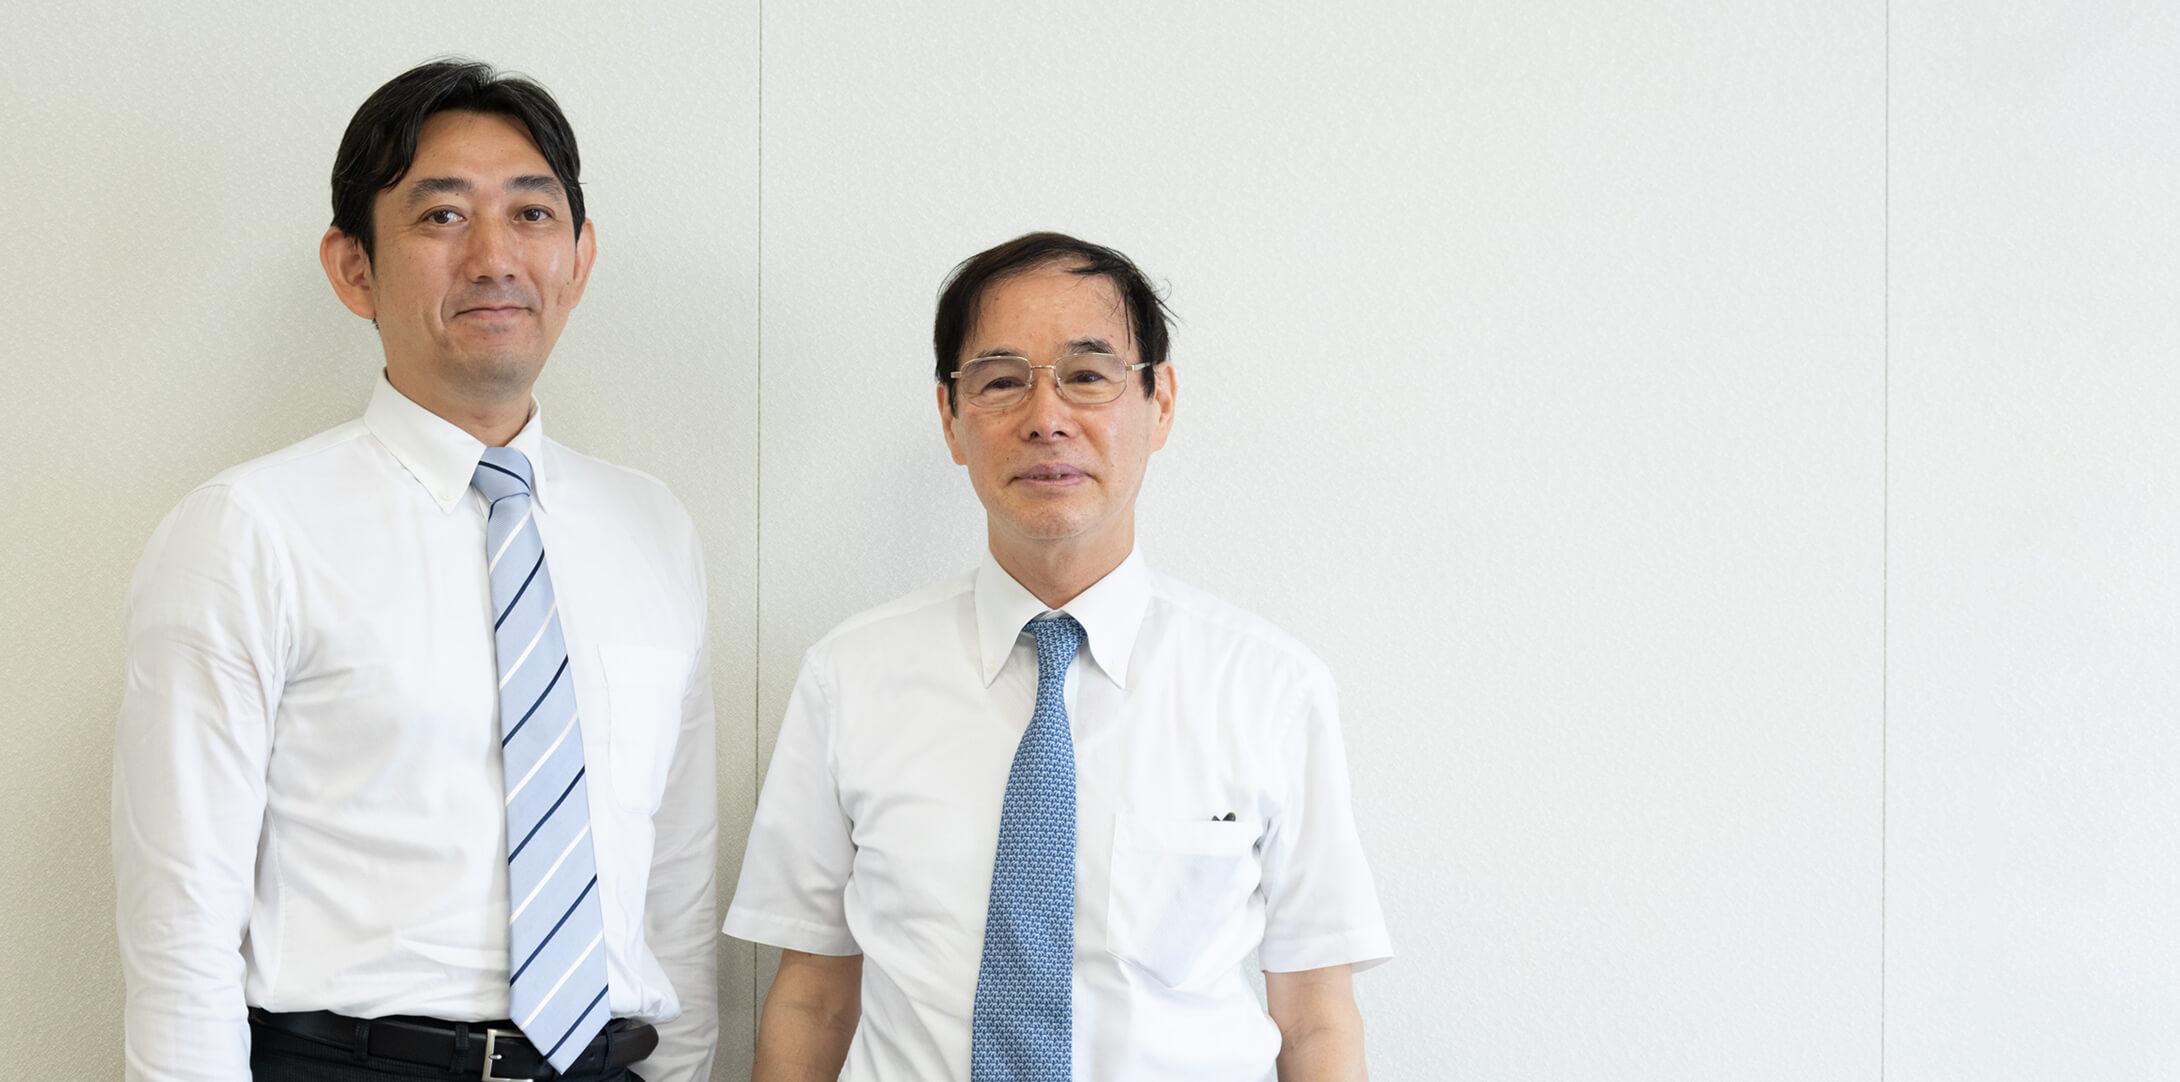 【対談】吉野直行さんと考える「日本ではなぜ、預貯金以外の選択をする人が増えていかないのか」前編